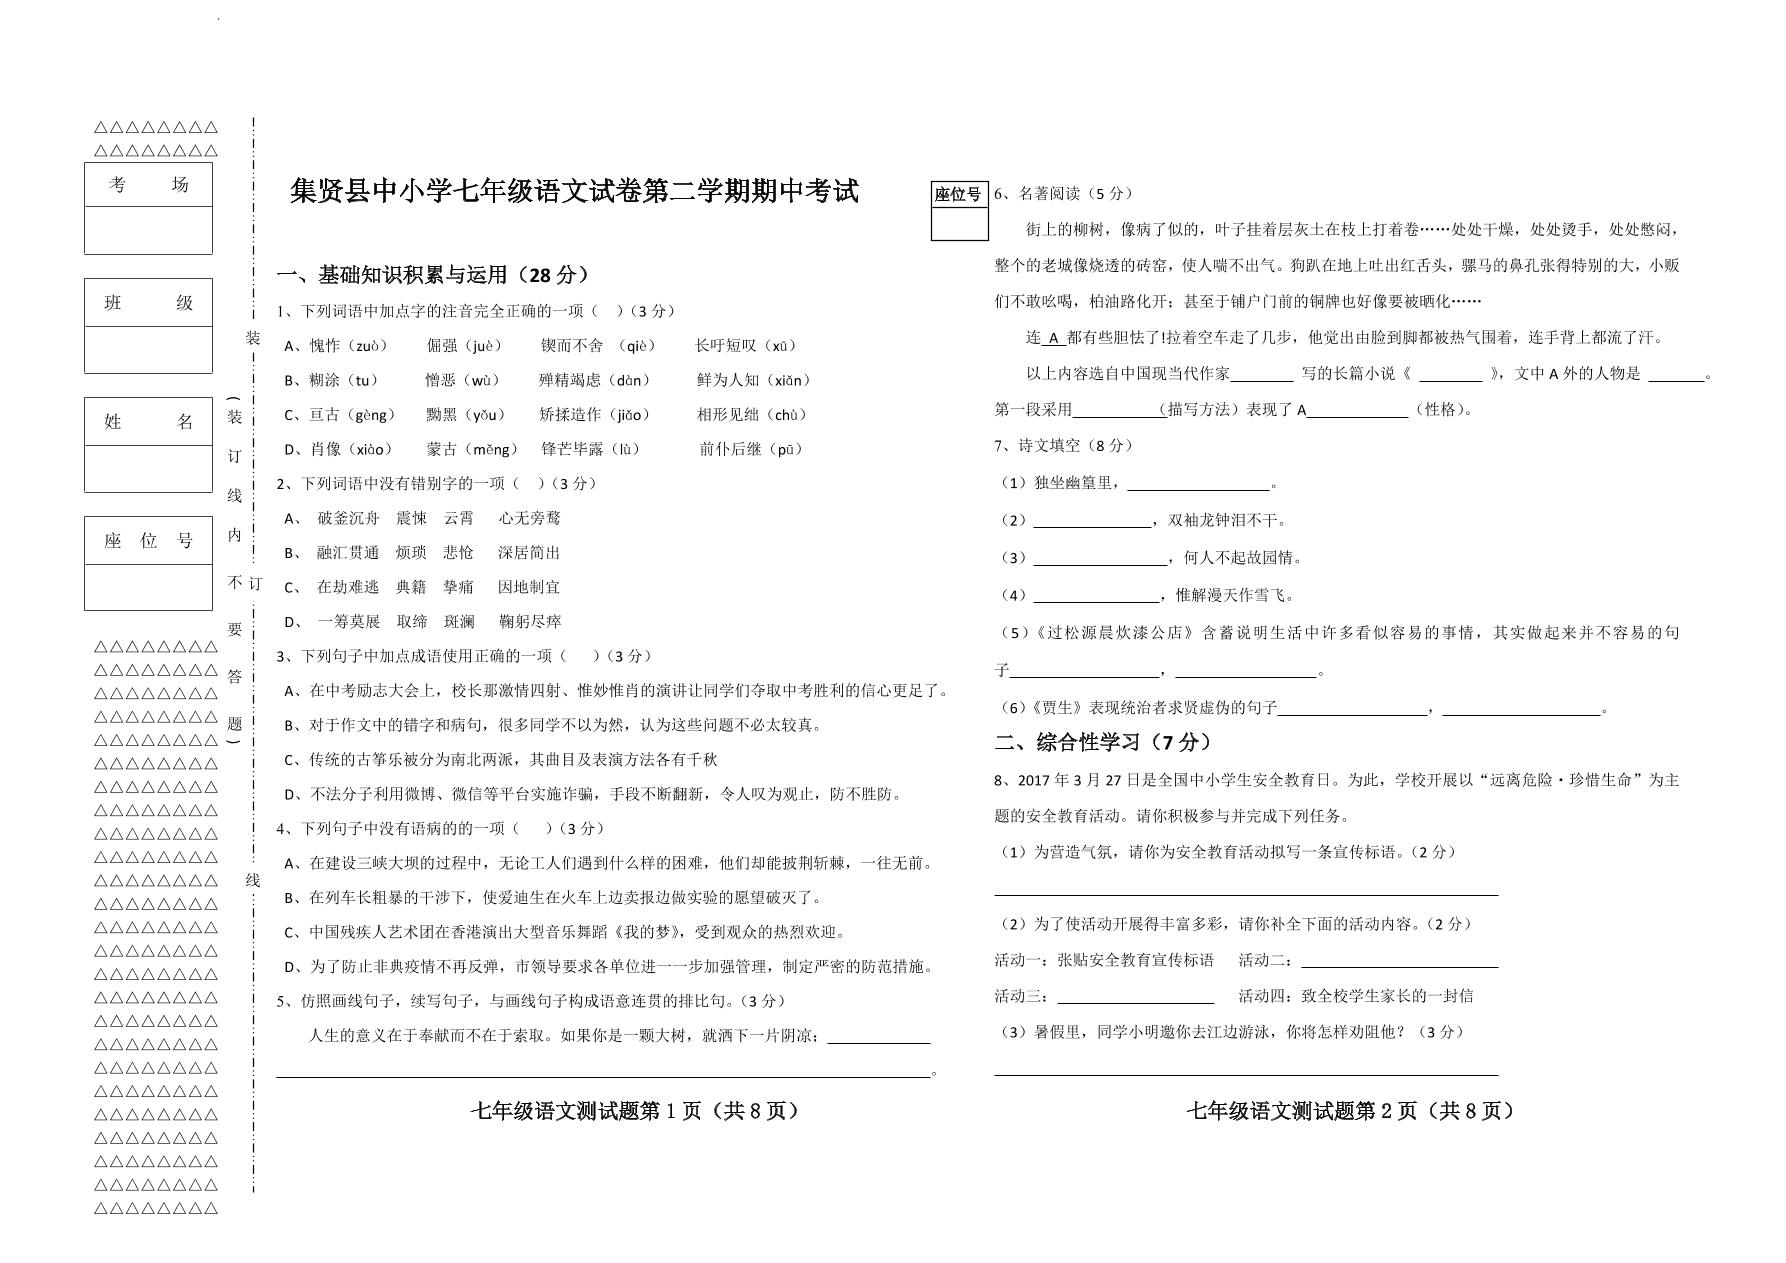 黑龙江省双鸭山市集贤县七年级语文第二学期期中测试卷